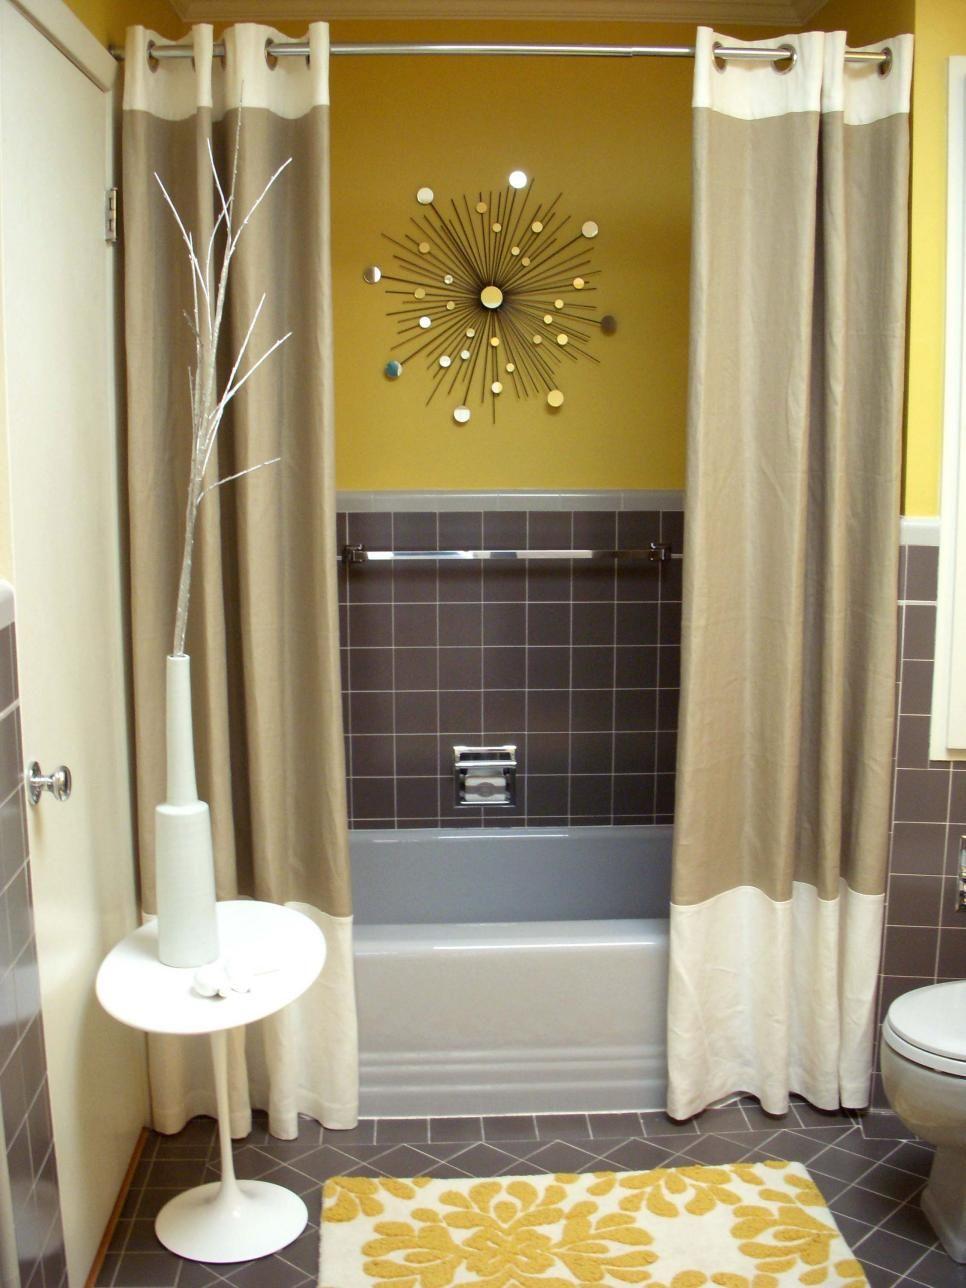 Badezimmer ideen 2018 bilder kleines modernes badezimmer ideen  kleine günstige badezimmer ideen